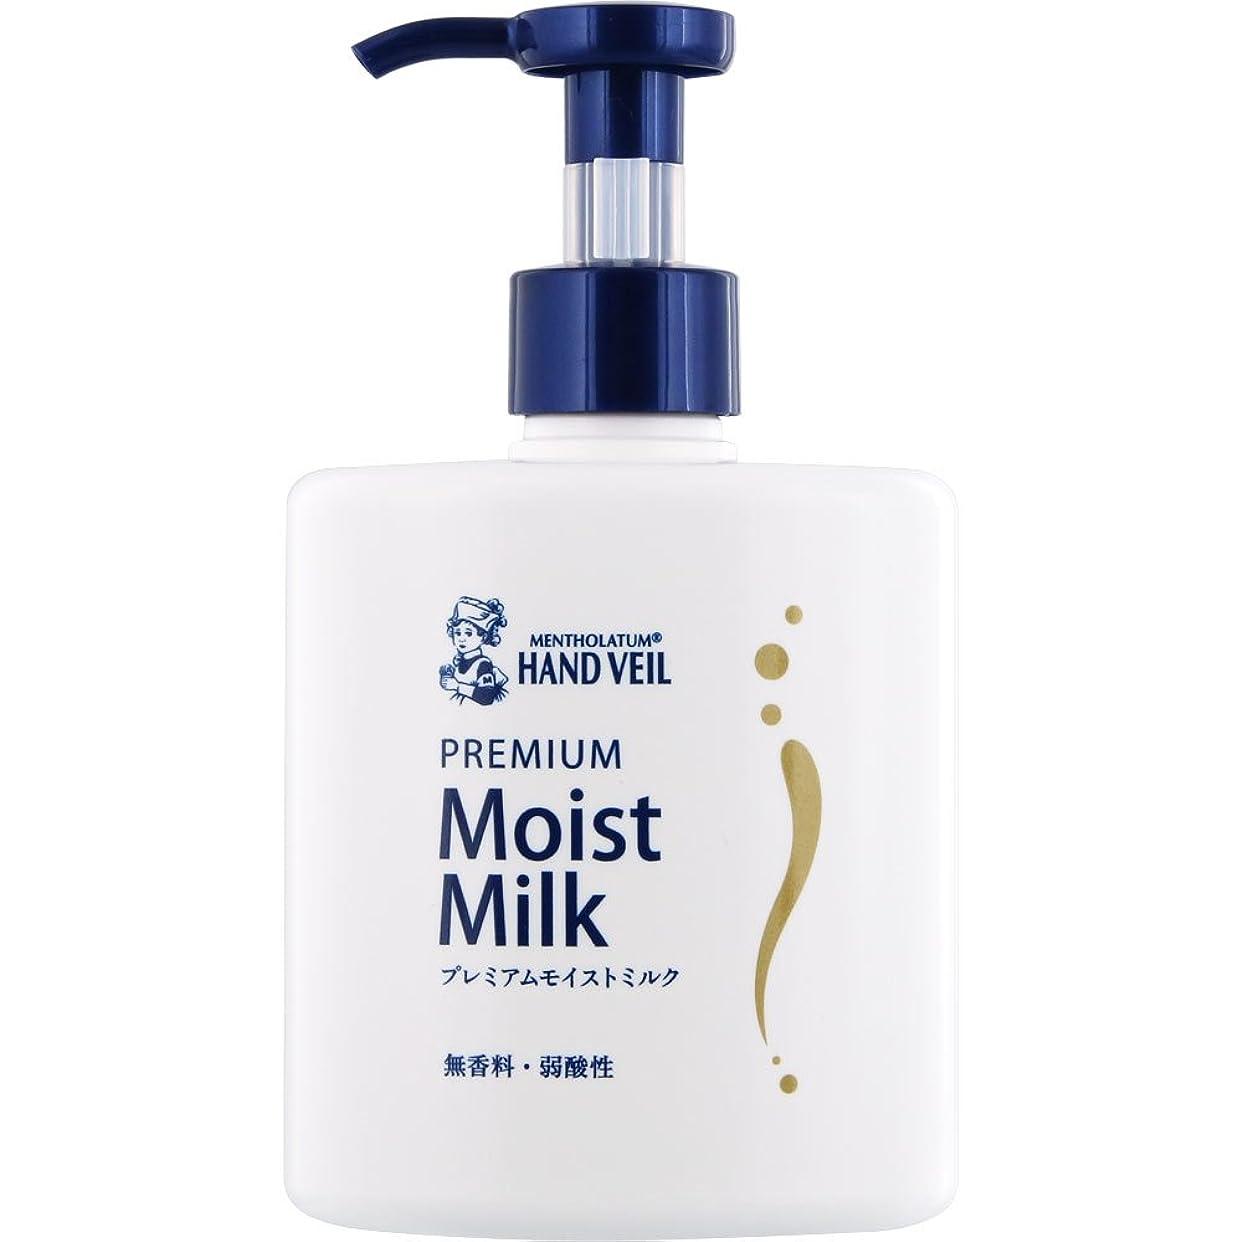 泥インフレーション鎮静剤メンソレータム ハンドベール 高密着バリア処方 プレミアムモイストミルク 200mL